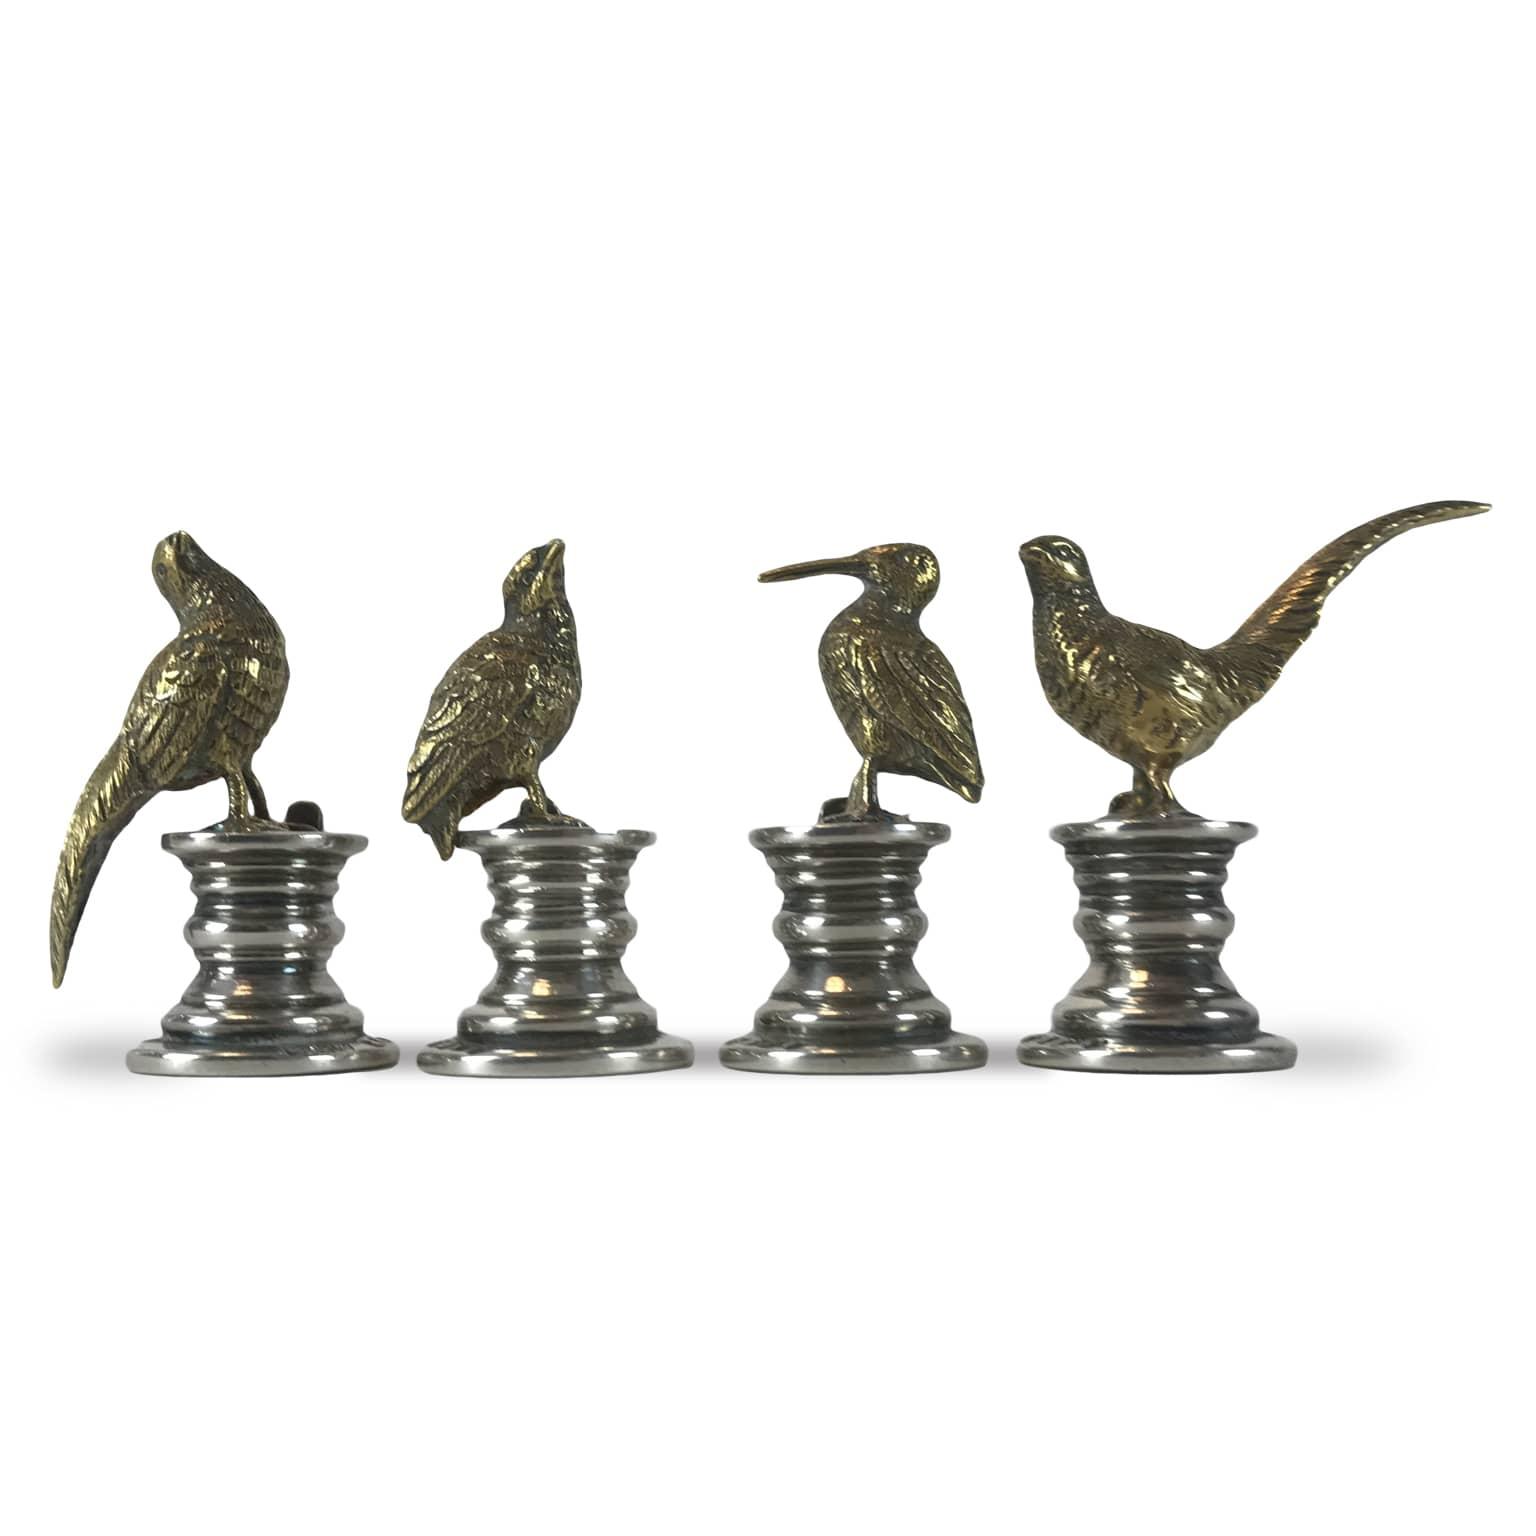 Quattro segnaposto in argento inglesi